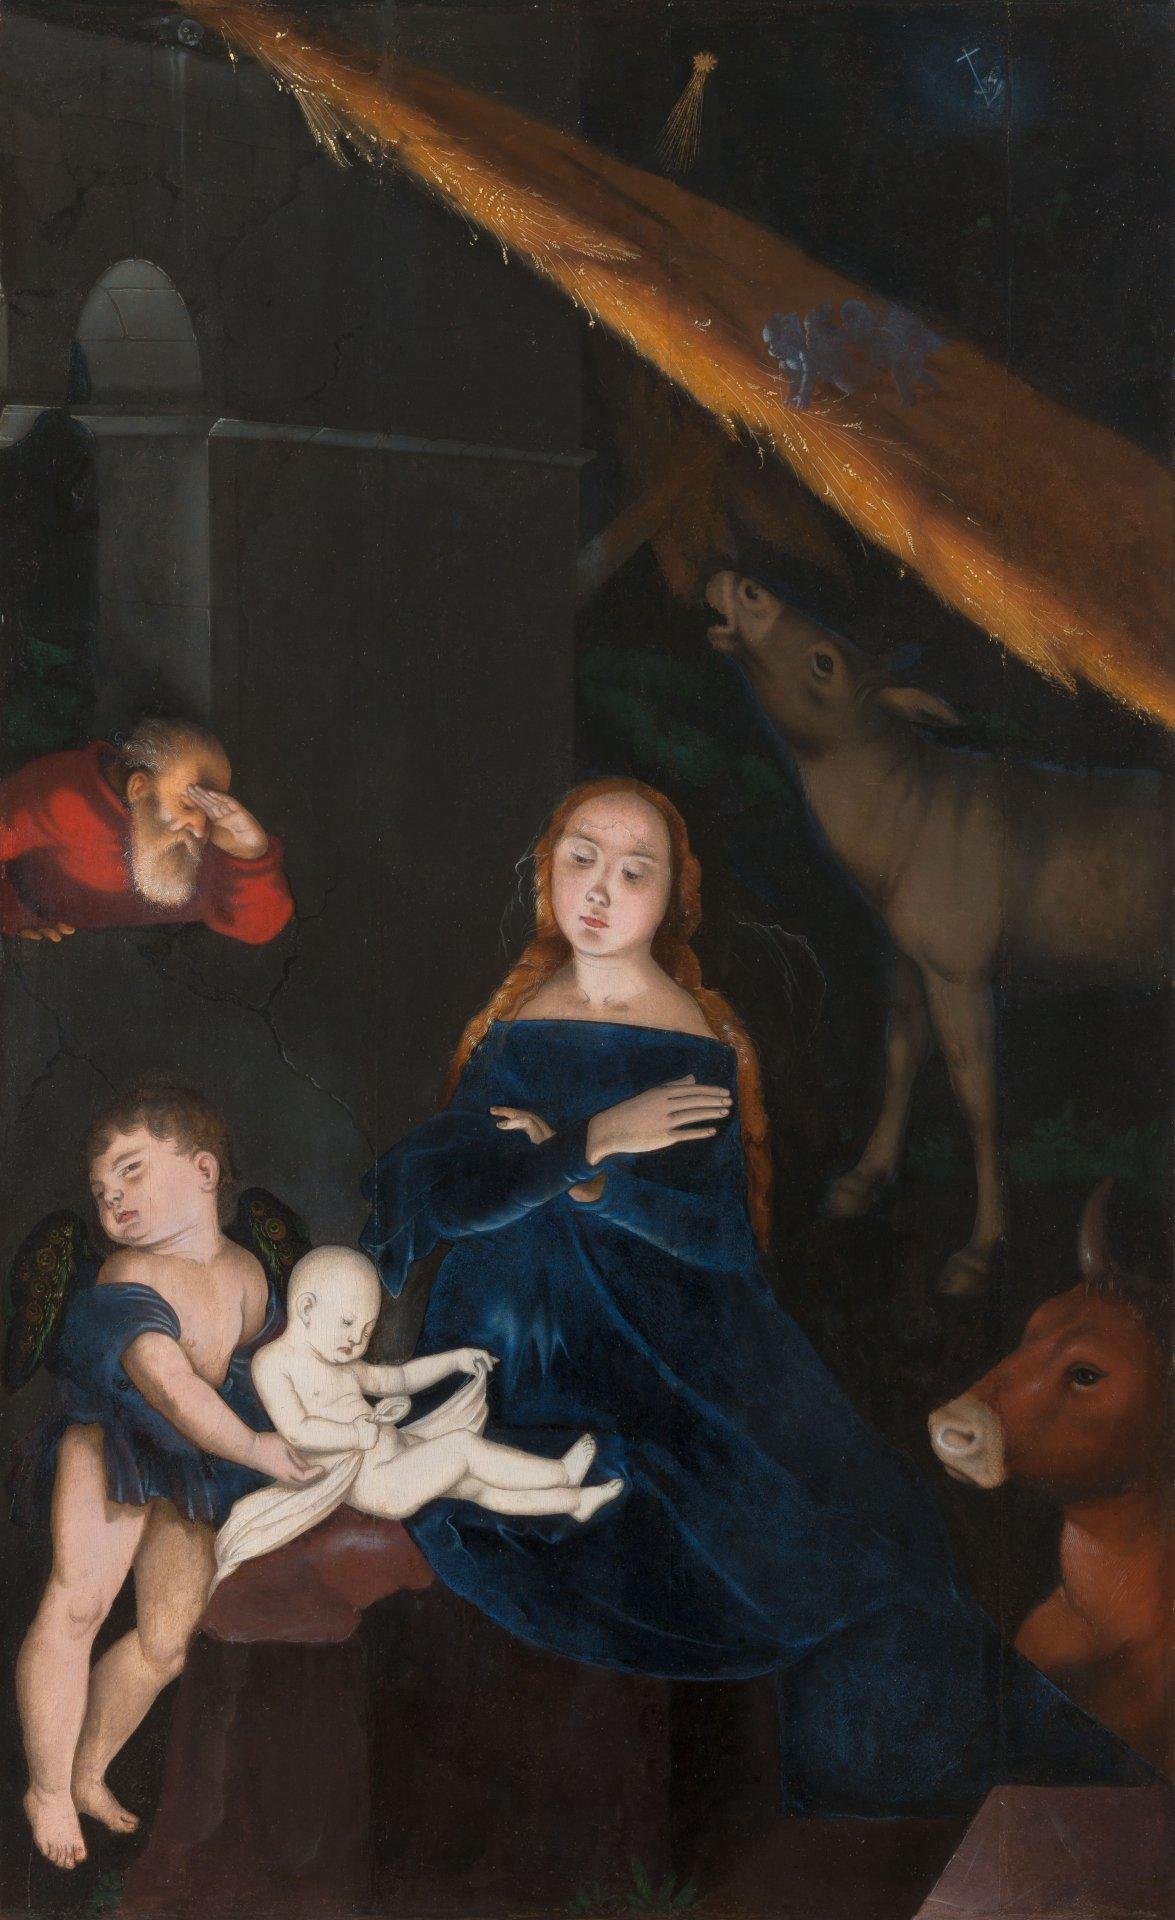 Abbildung des Gemäldes Die Geburt Christi des Renaissance-Künstlers Hans Baldung Grien aus dem Jahr 1525-30